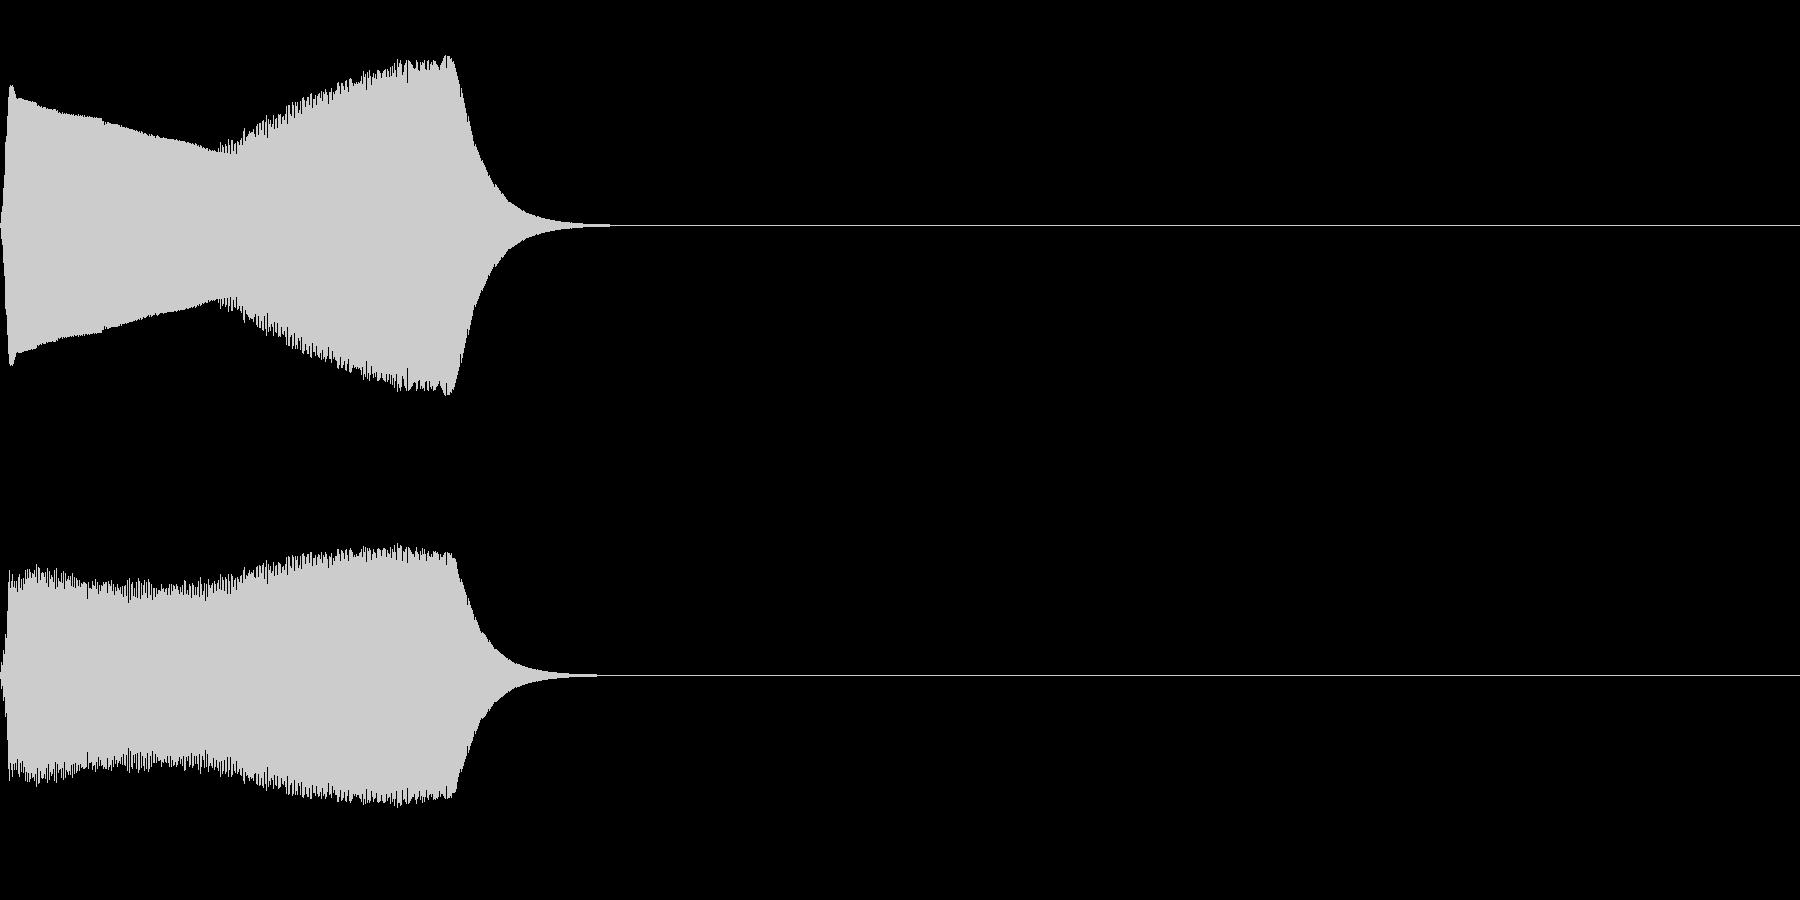 ジャンプ音03(ピヨッ)の未再生の波形